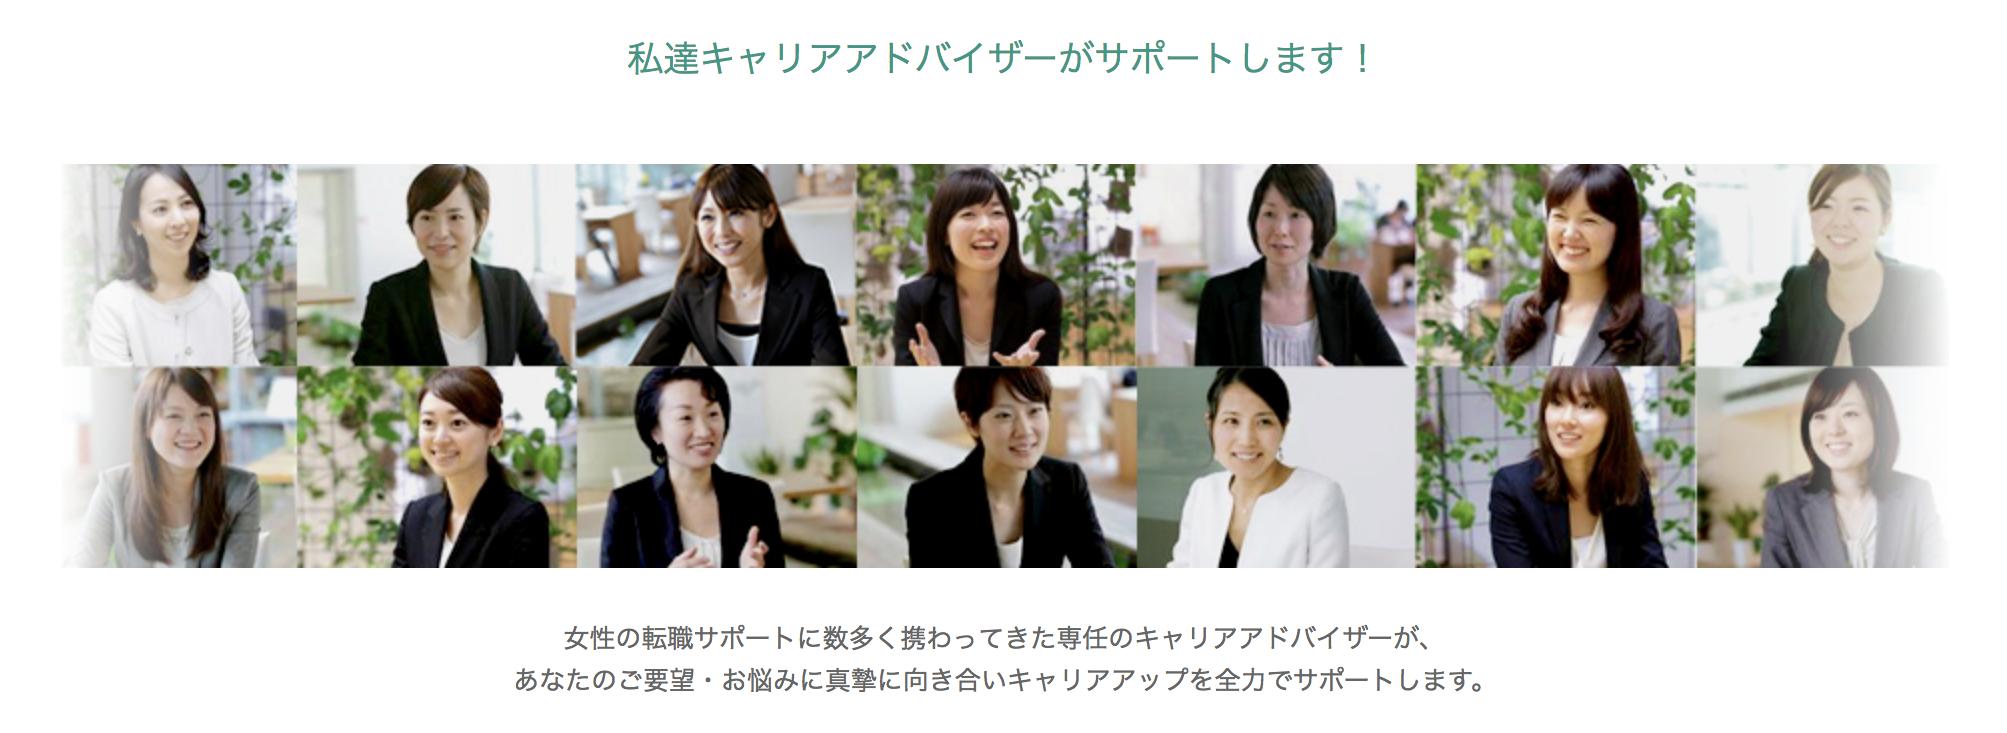 パソナキャリアの女性の転職のサポート体制